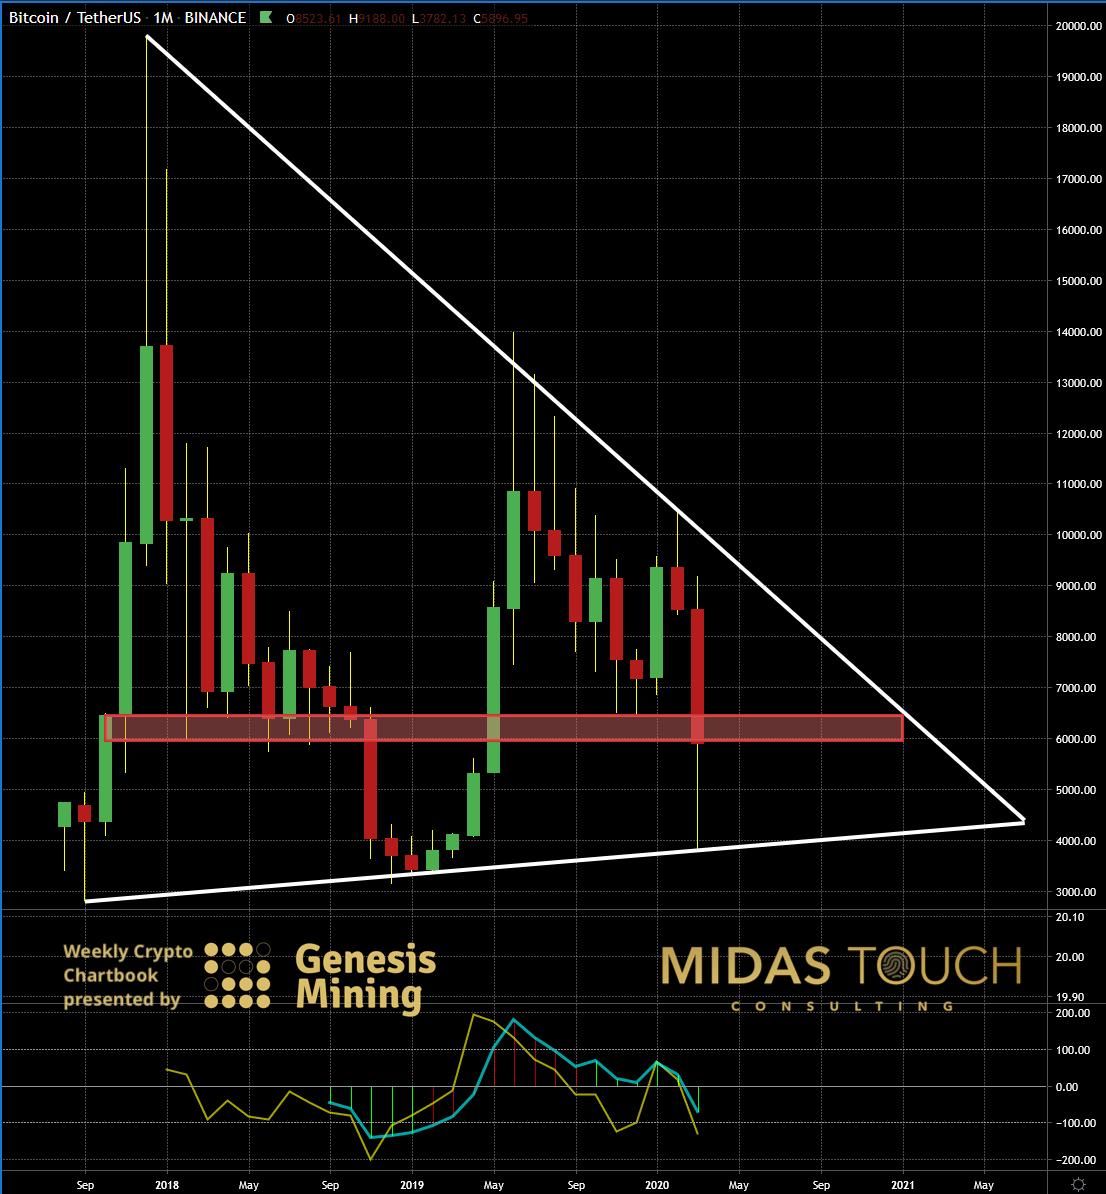 BTC/USDT Monatlichen Chart